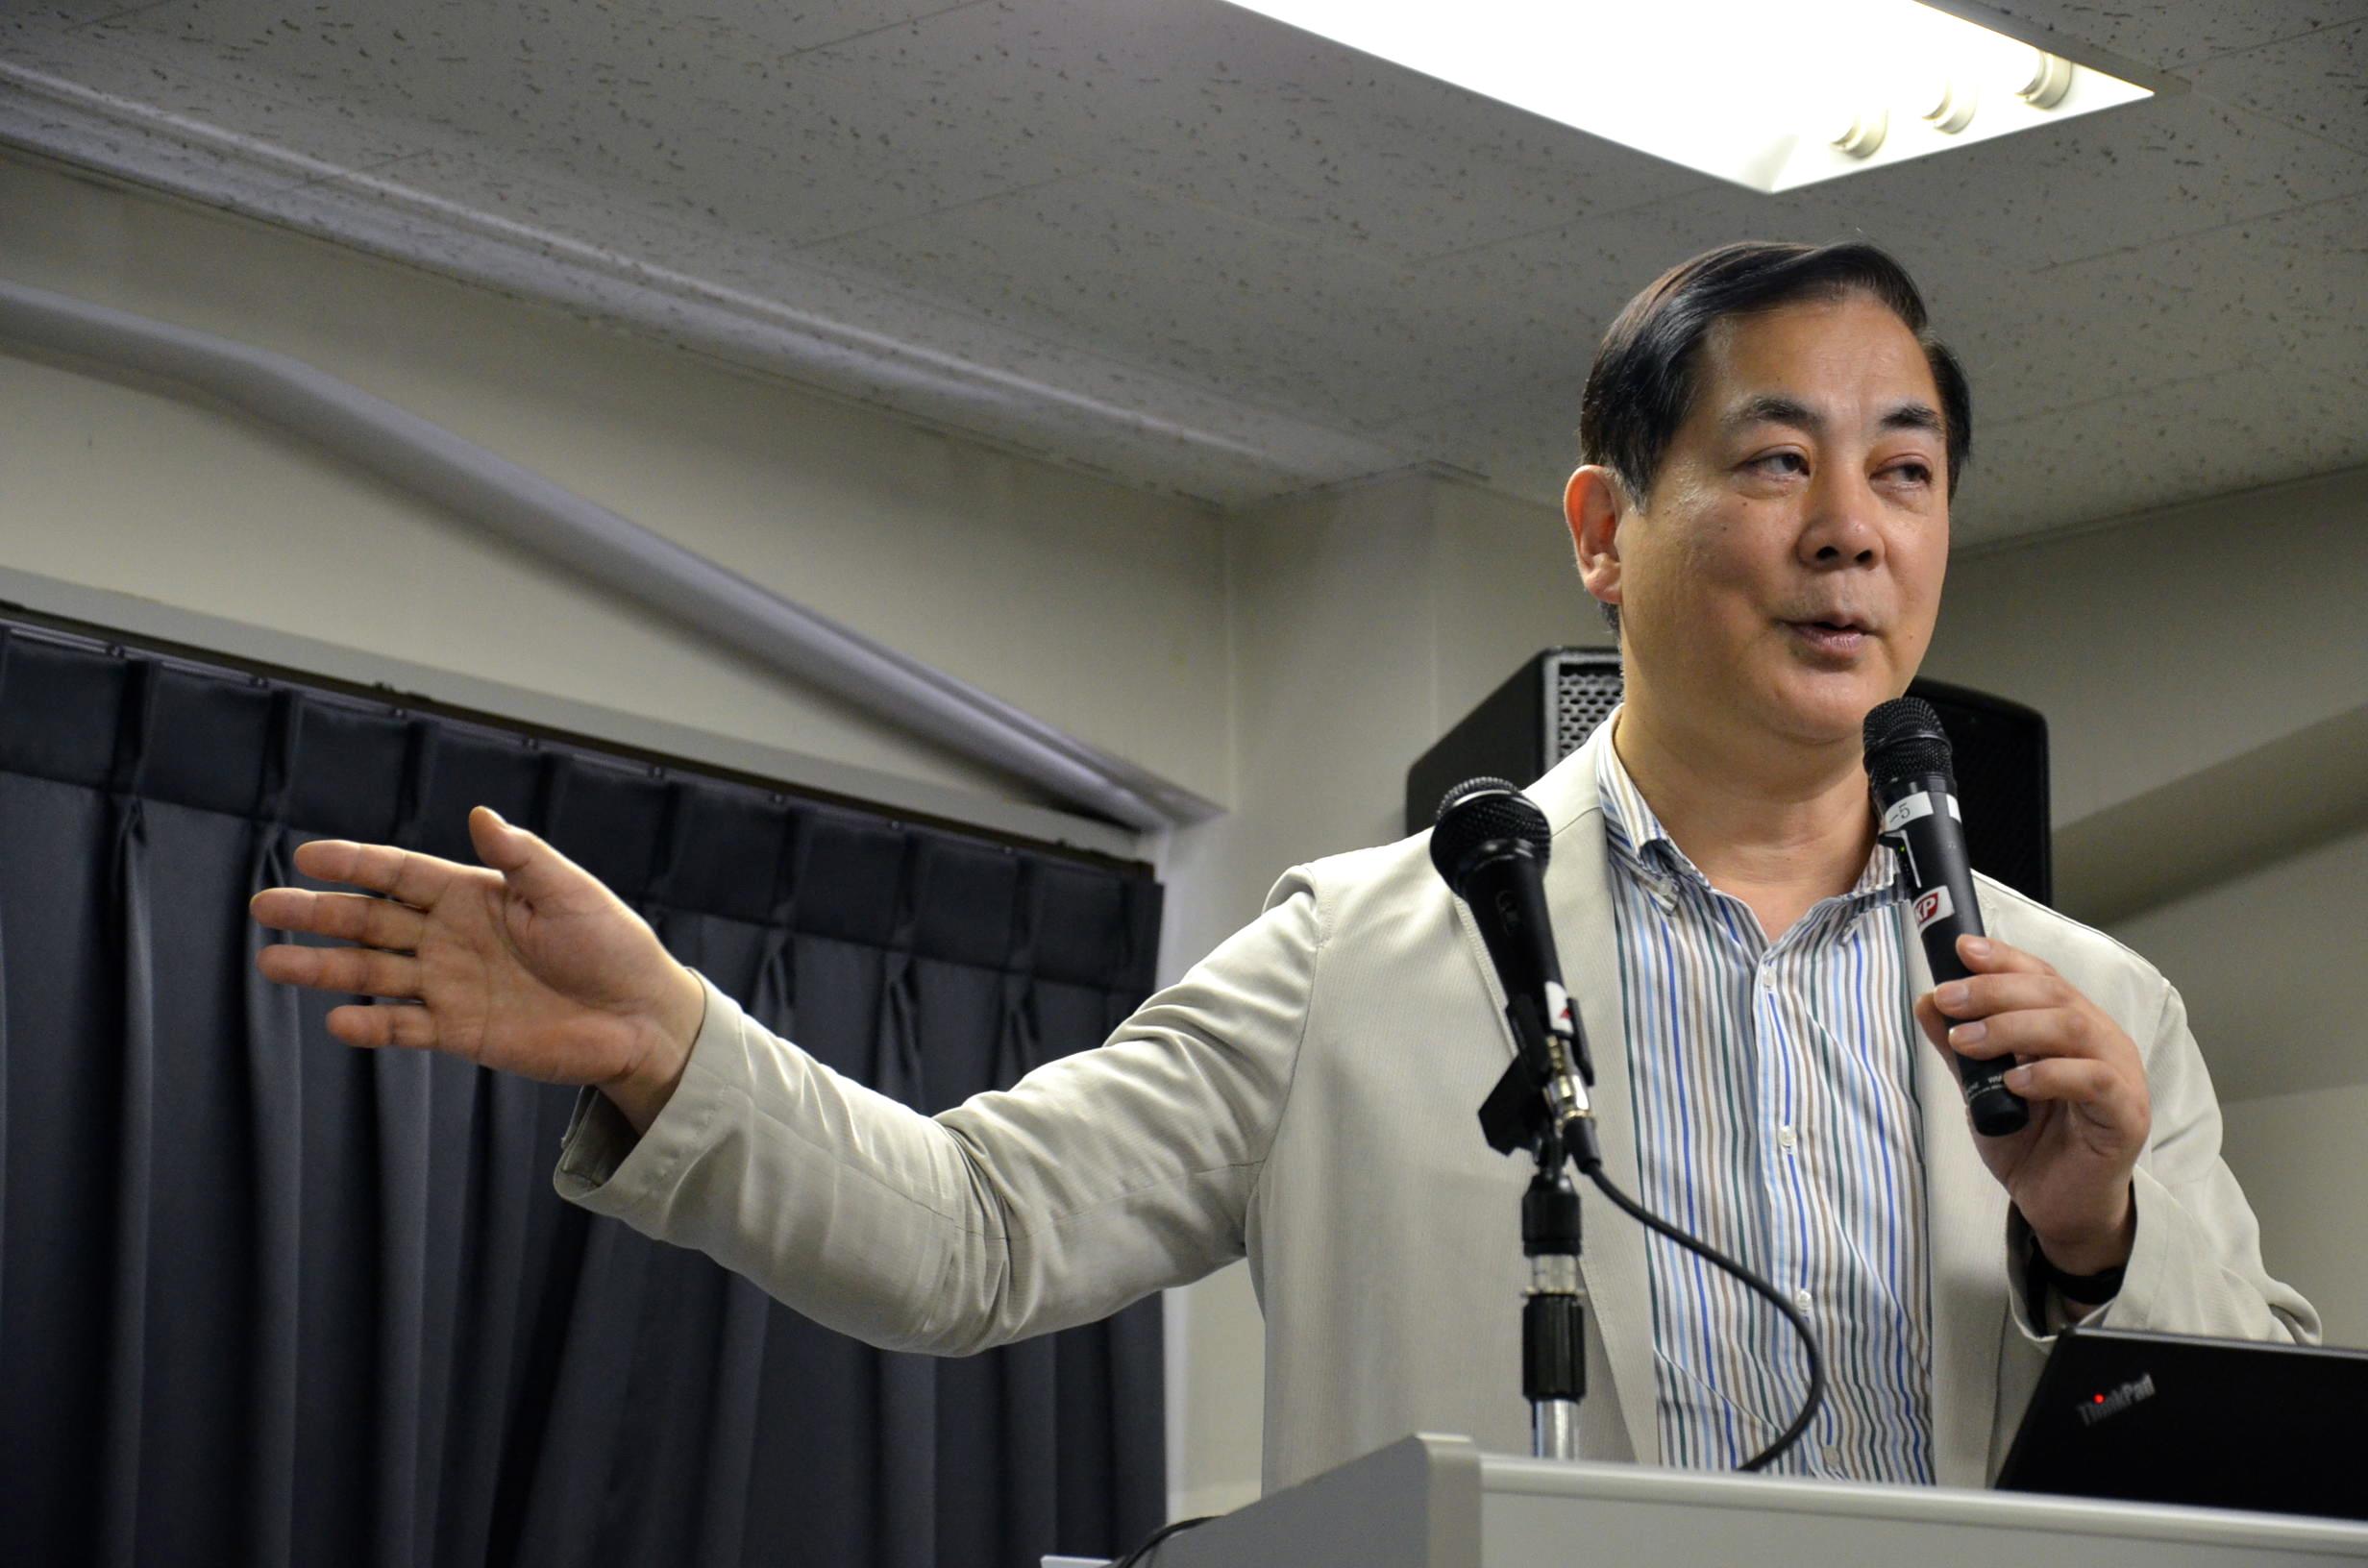 「これから50年、どうやって生きていきますか」元マッキンゼーの赤羽雄二氏が語る「沈没する日本で生き残る術」